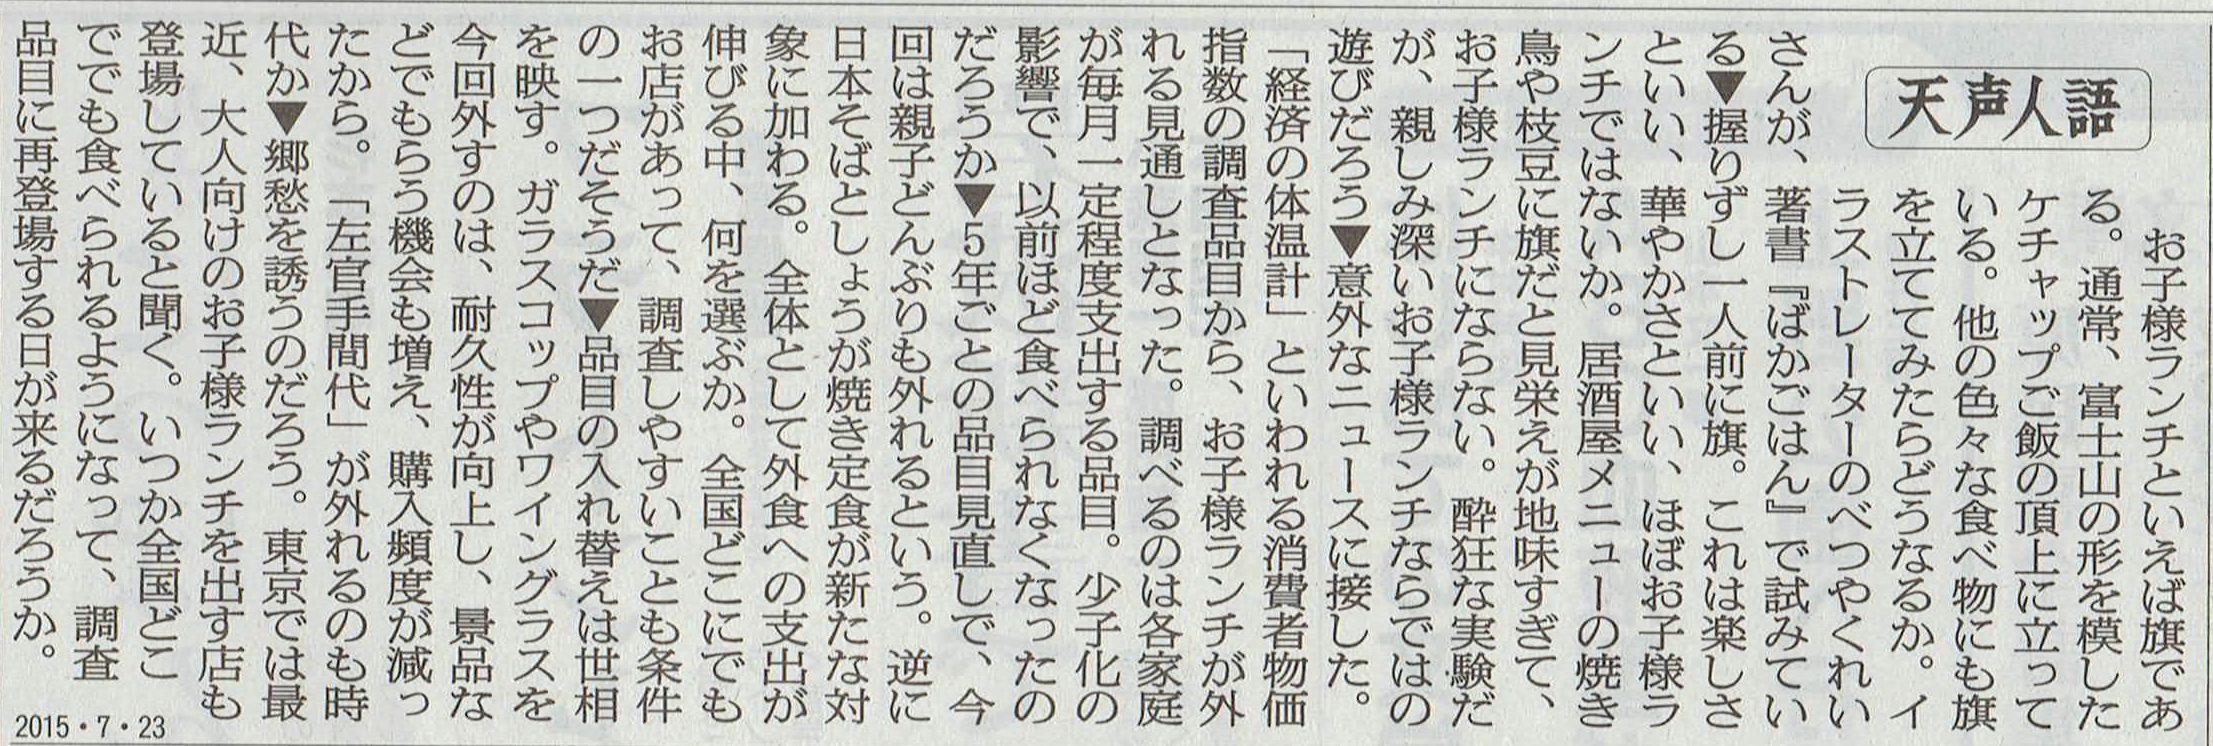 2015年7月23日前期「口承研究Ⅰ」第15回まとめ・敗戦70年その4_d0249595_5573188.jpg